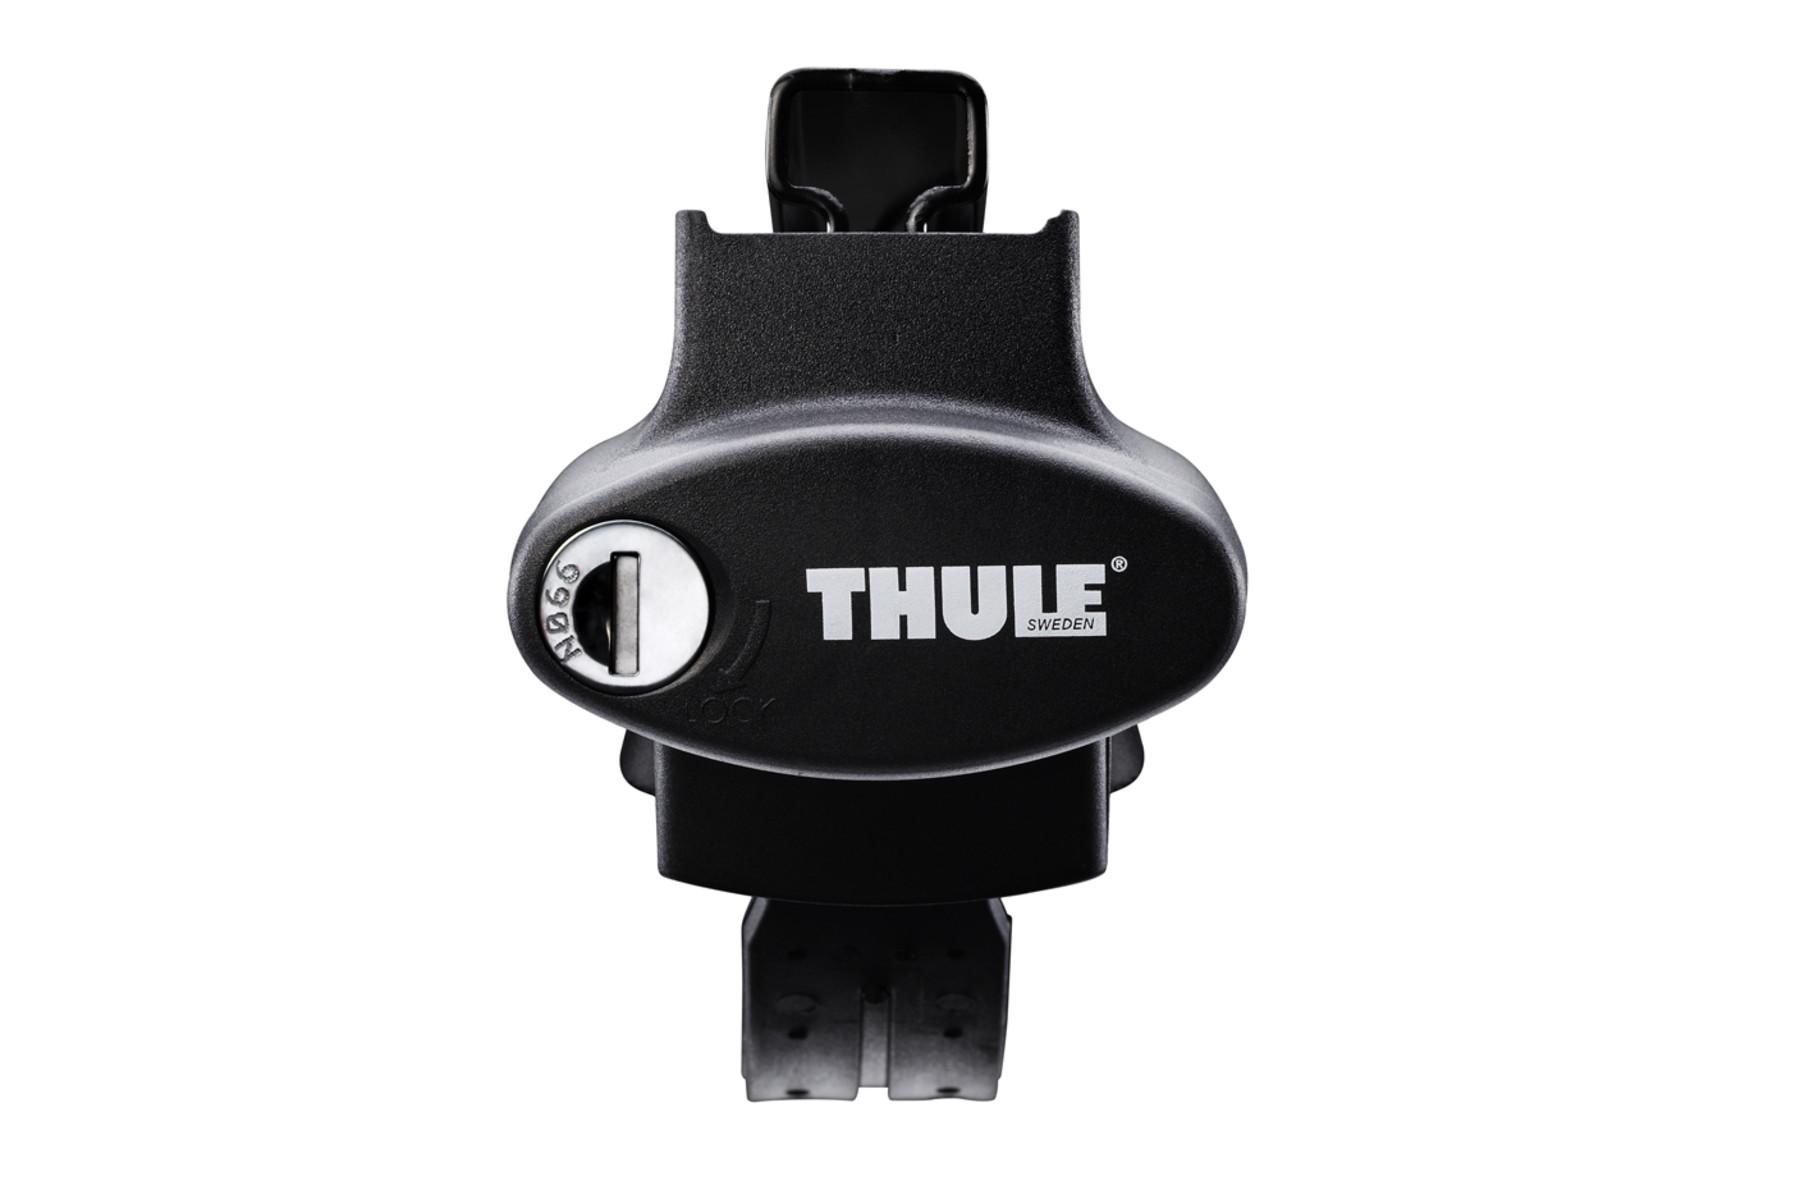 Thule Fitting Kits